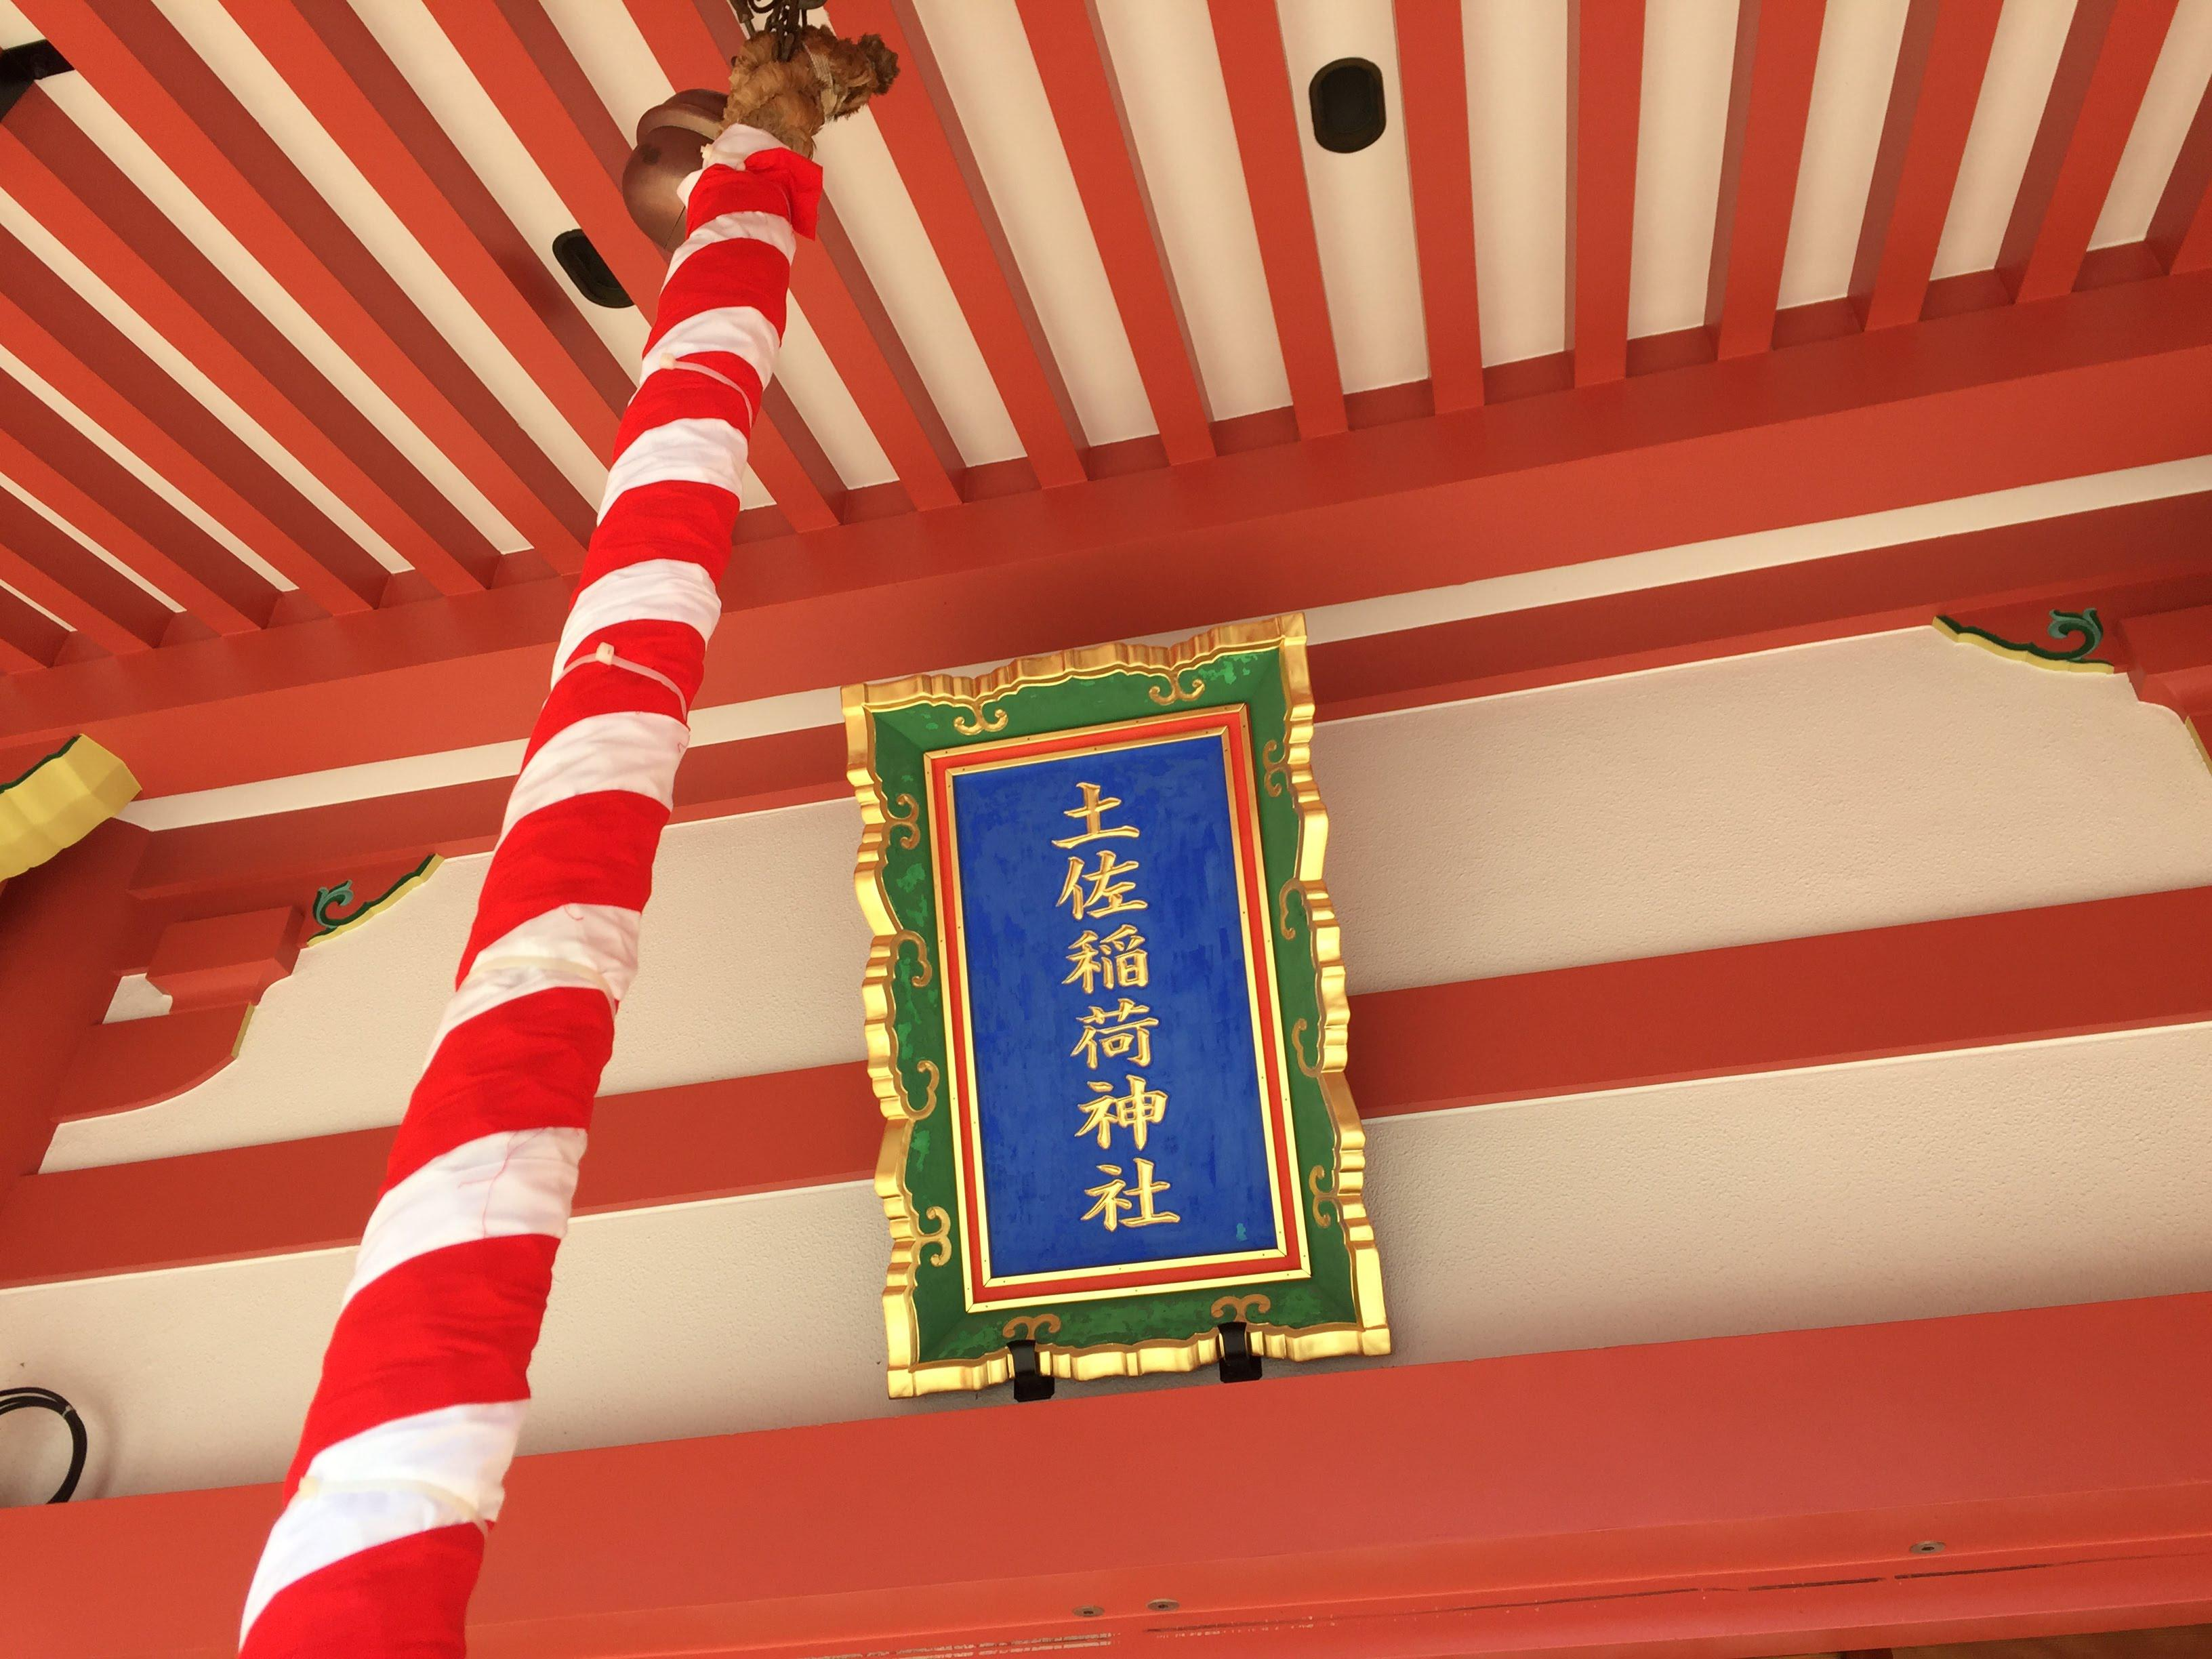 土佐稲荷神社の建物その他